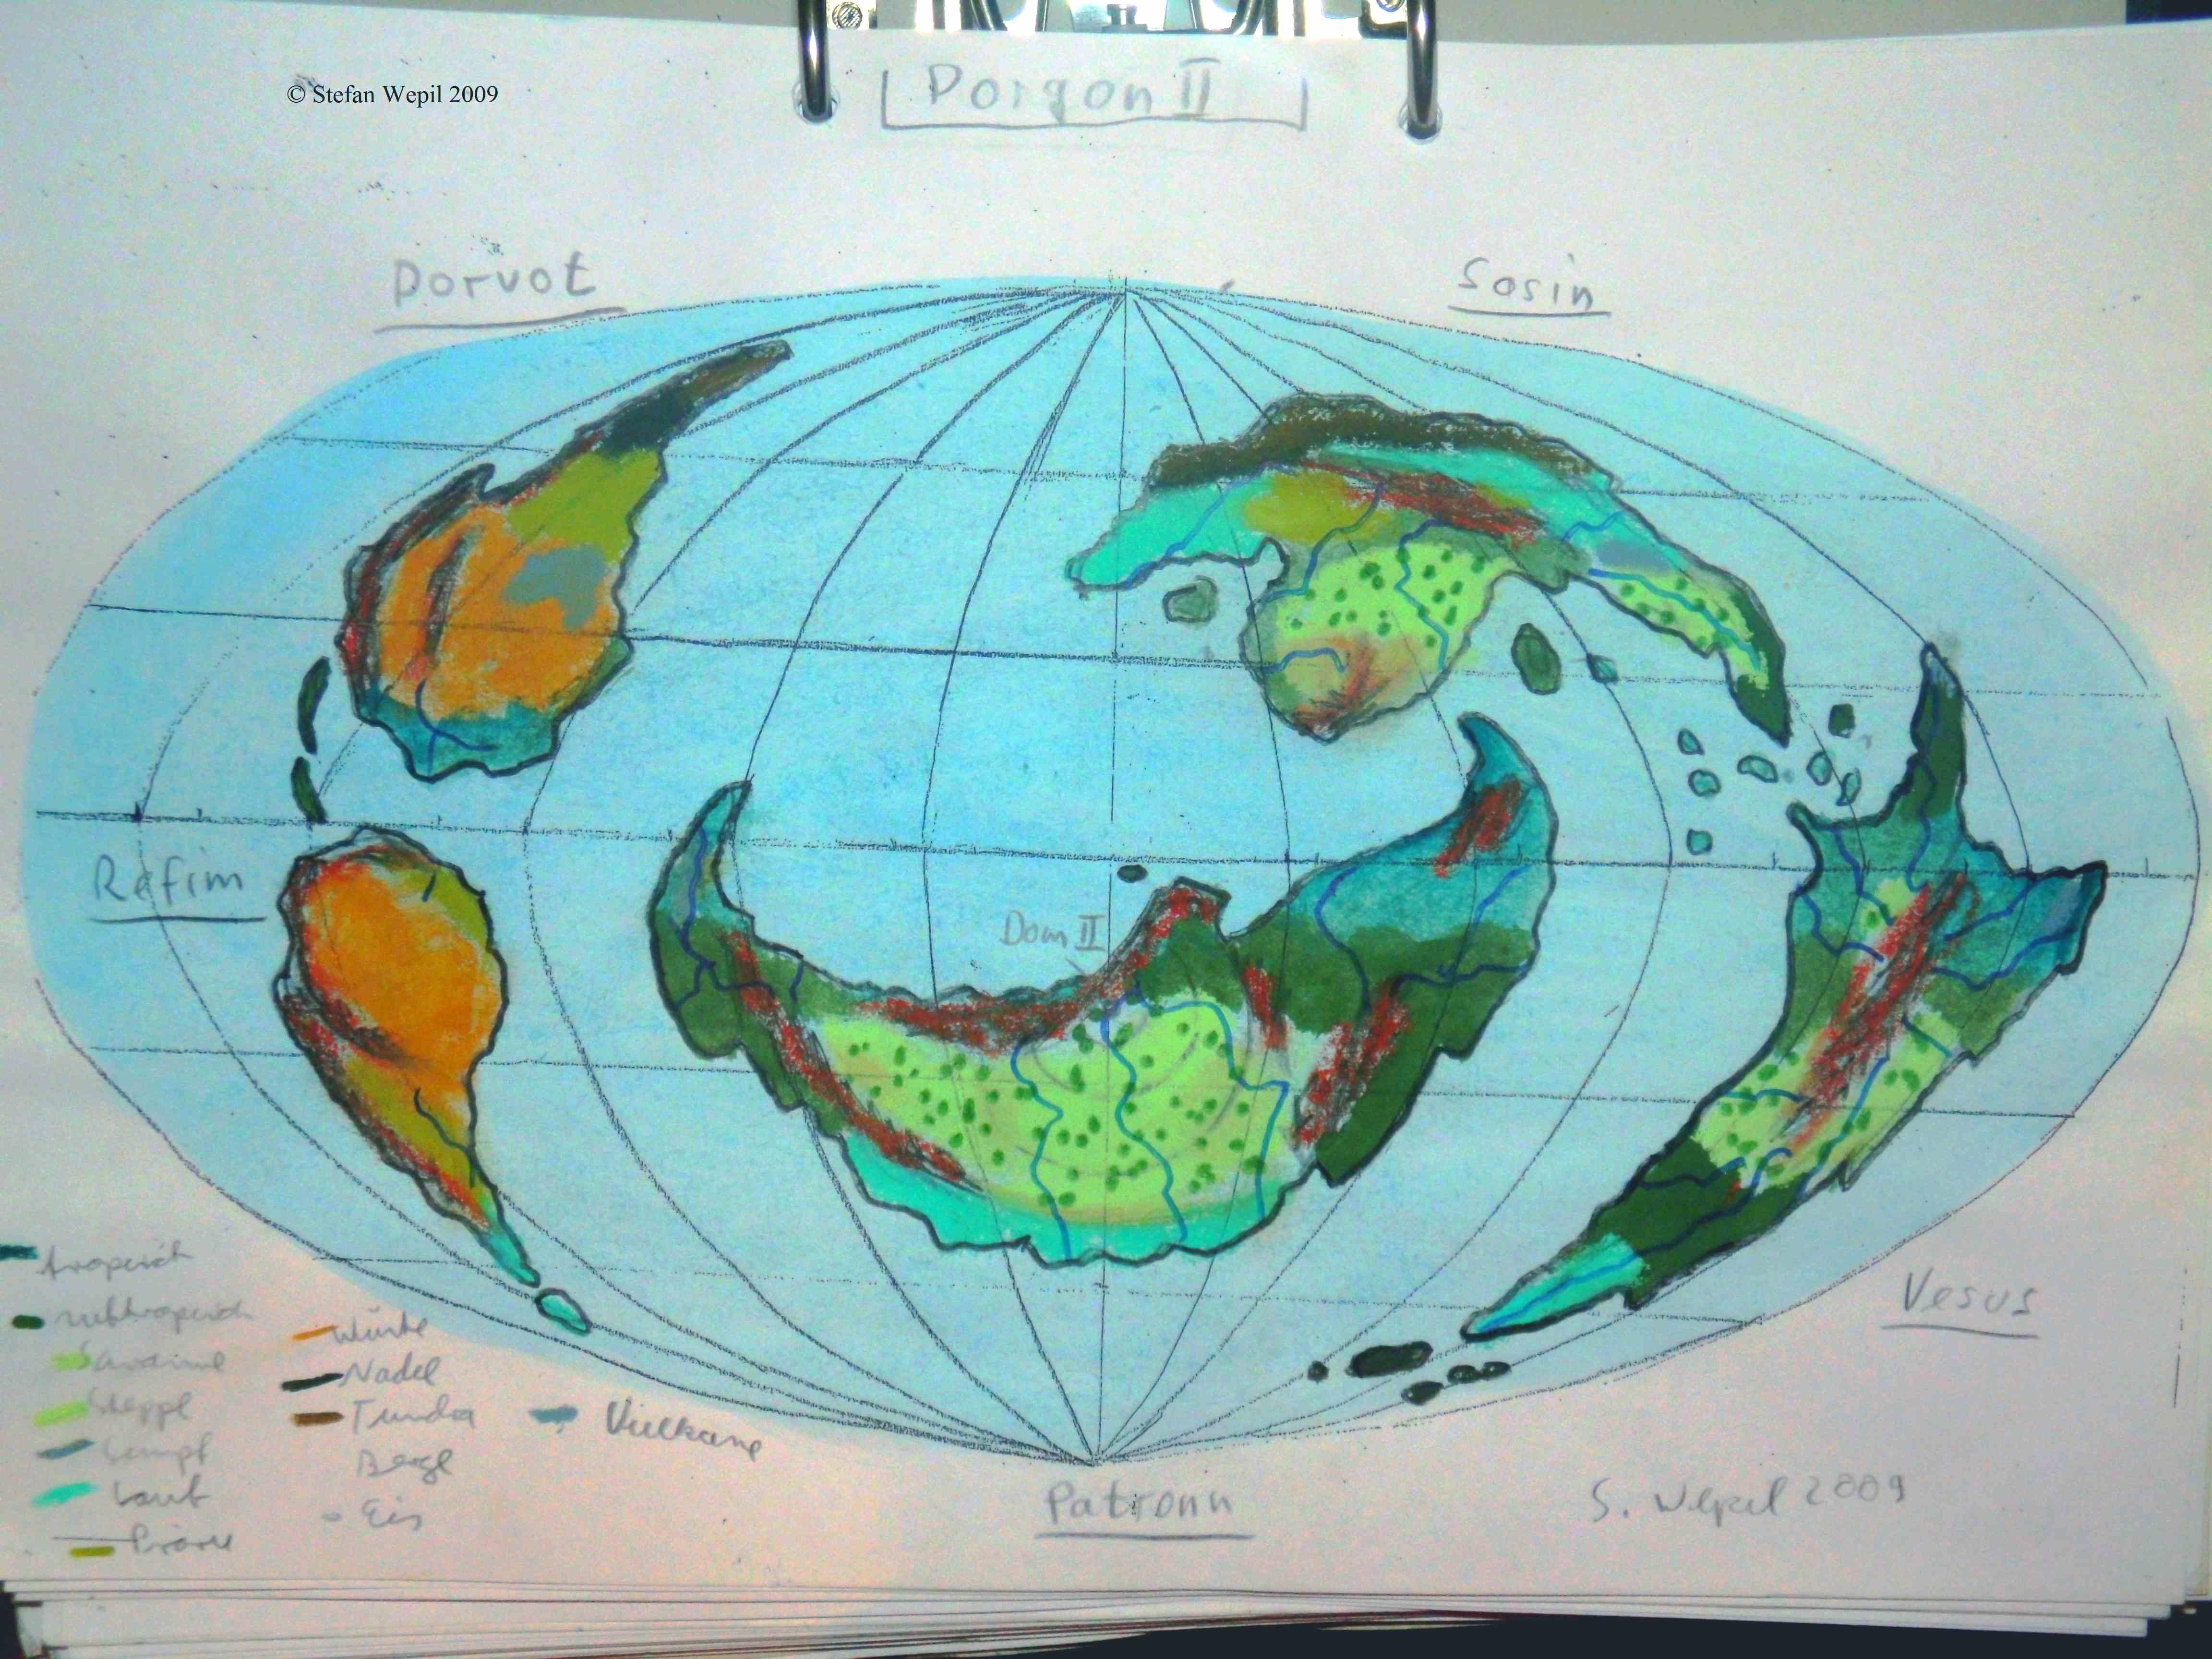 Planetenkarte von Dorgon II in Cartwheel (C) Stefan Wepil